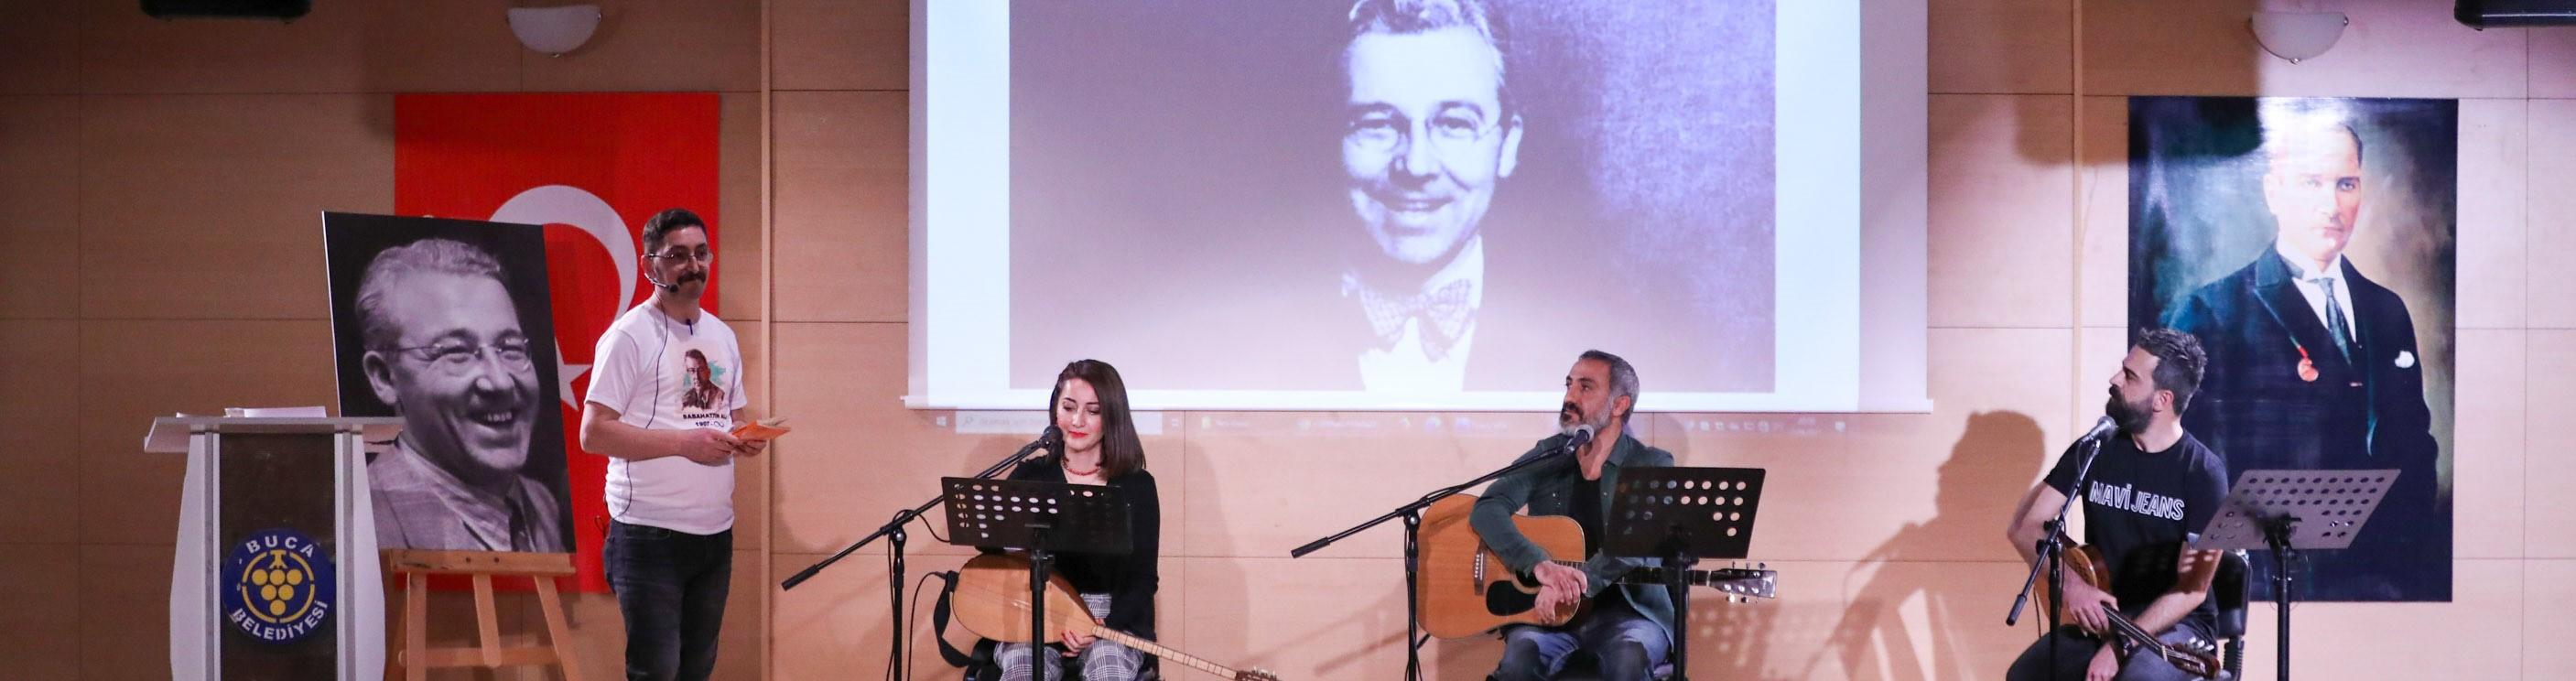 Sabahattin Ali'nin eserleri Buca'da seslendirildi